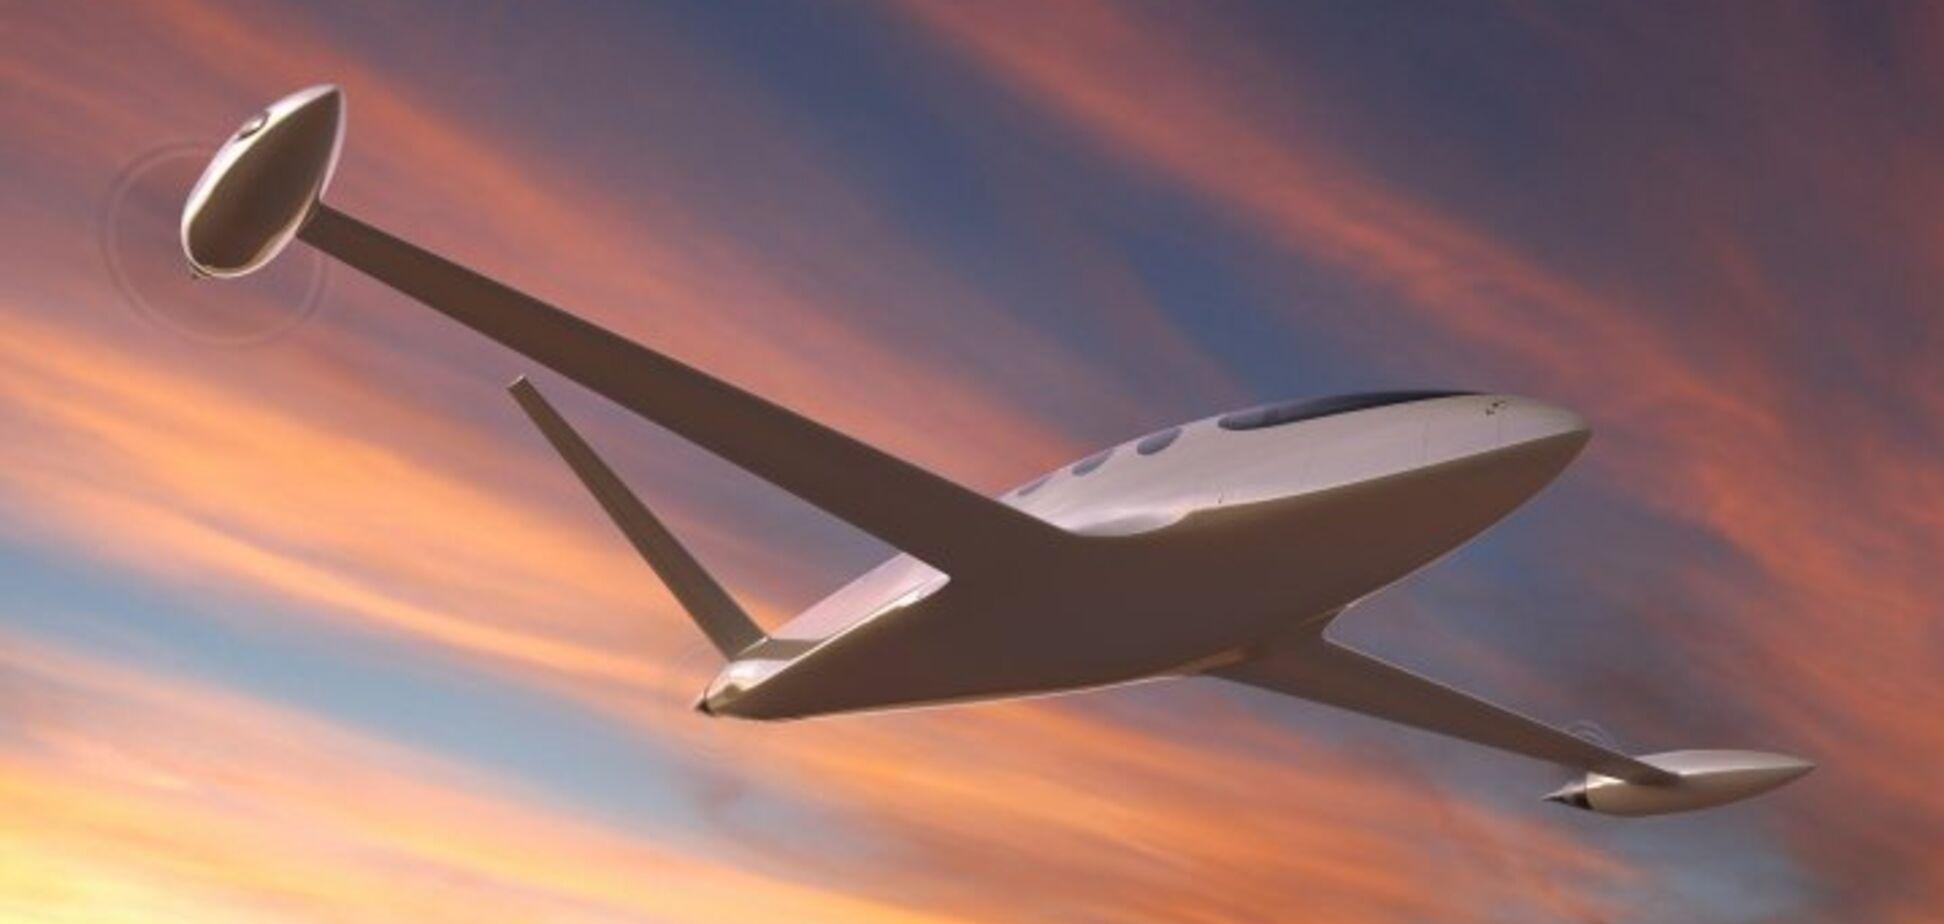 Електричний літак Alice назвали найкращим винаходом людства за версією TIME